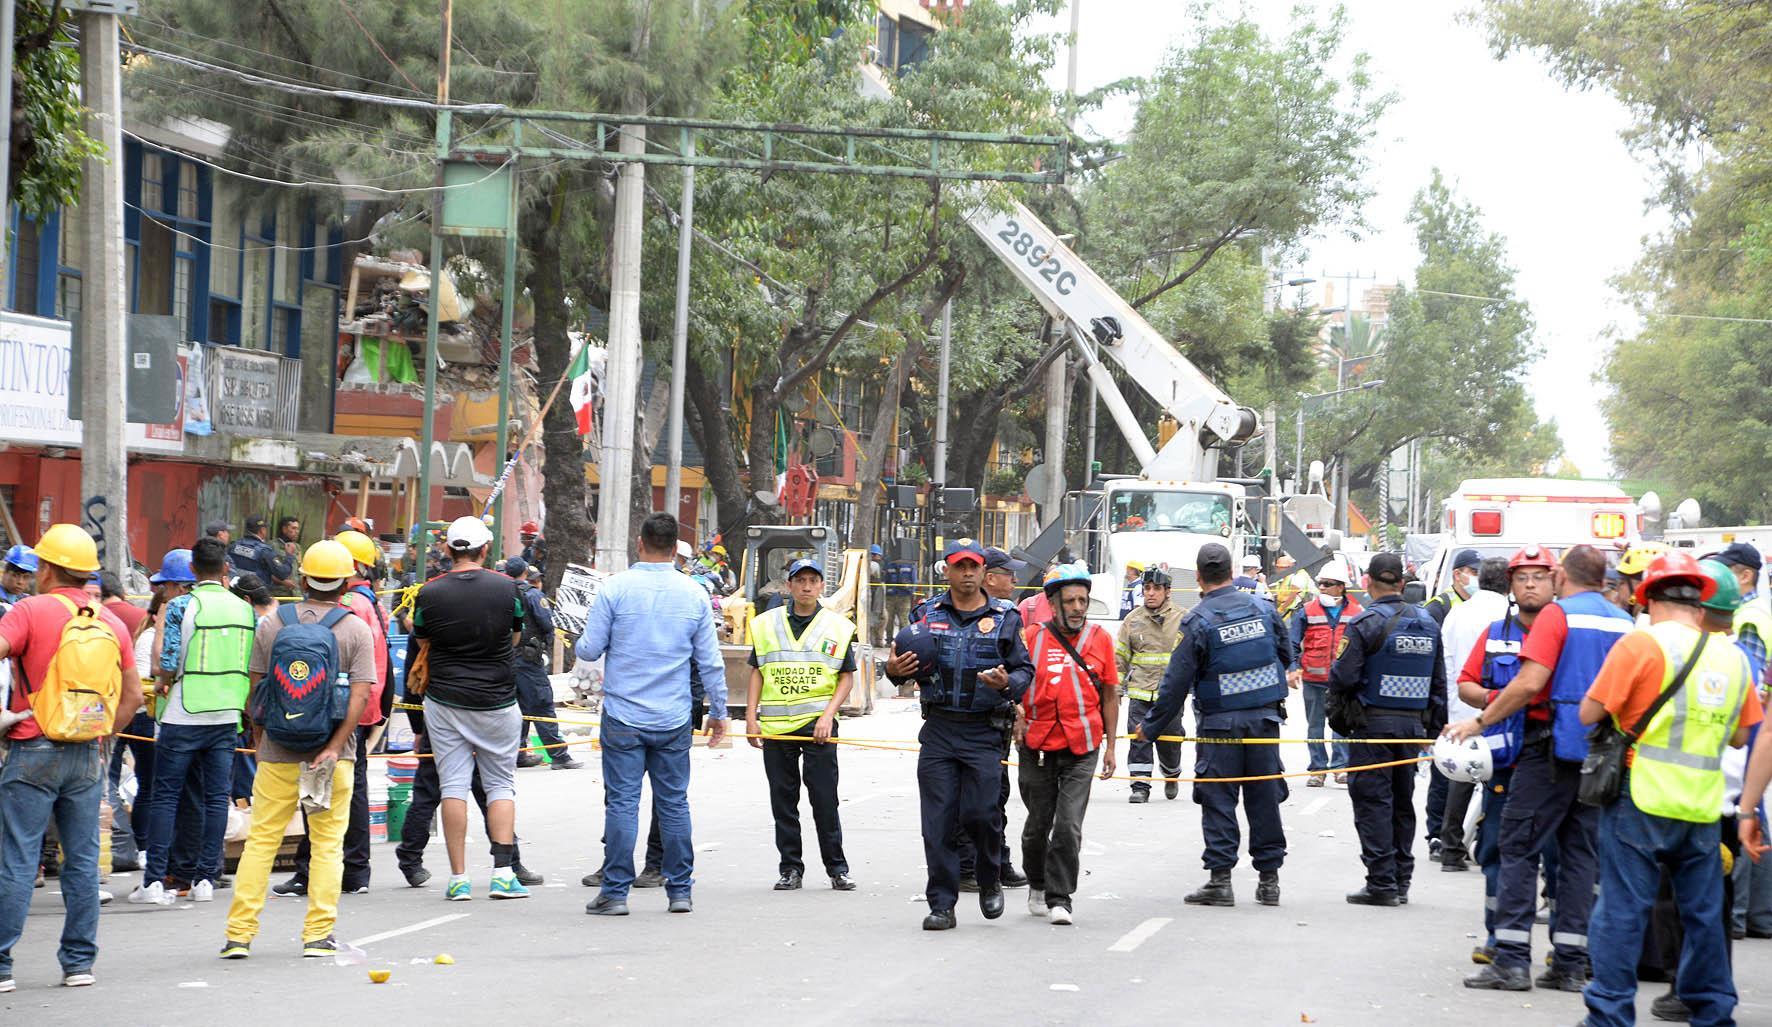 Quienes vivieron el temblor, susceptibles de tener estrés postraumático-UNAM